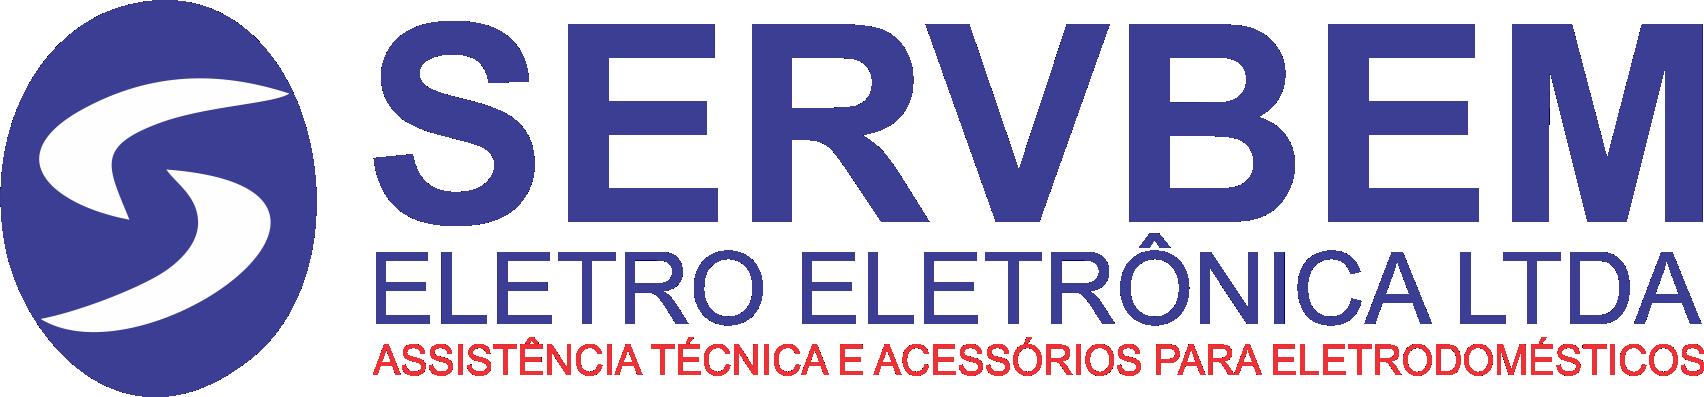 Logotipo Eletro Eletrônica Serv Bem